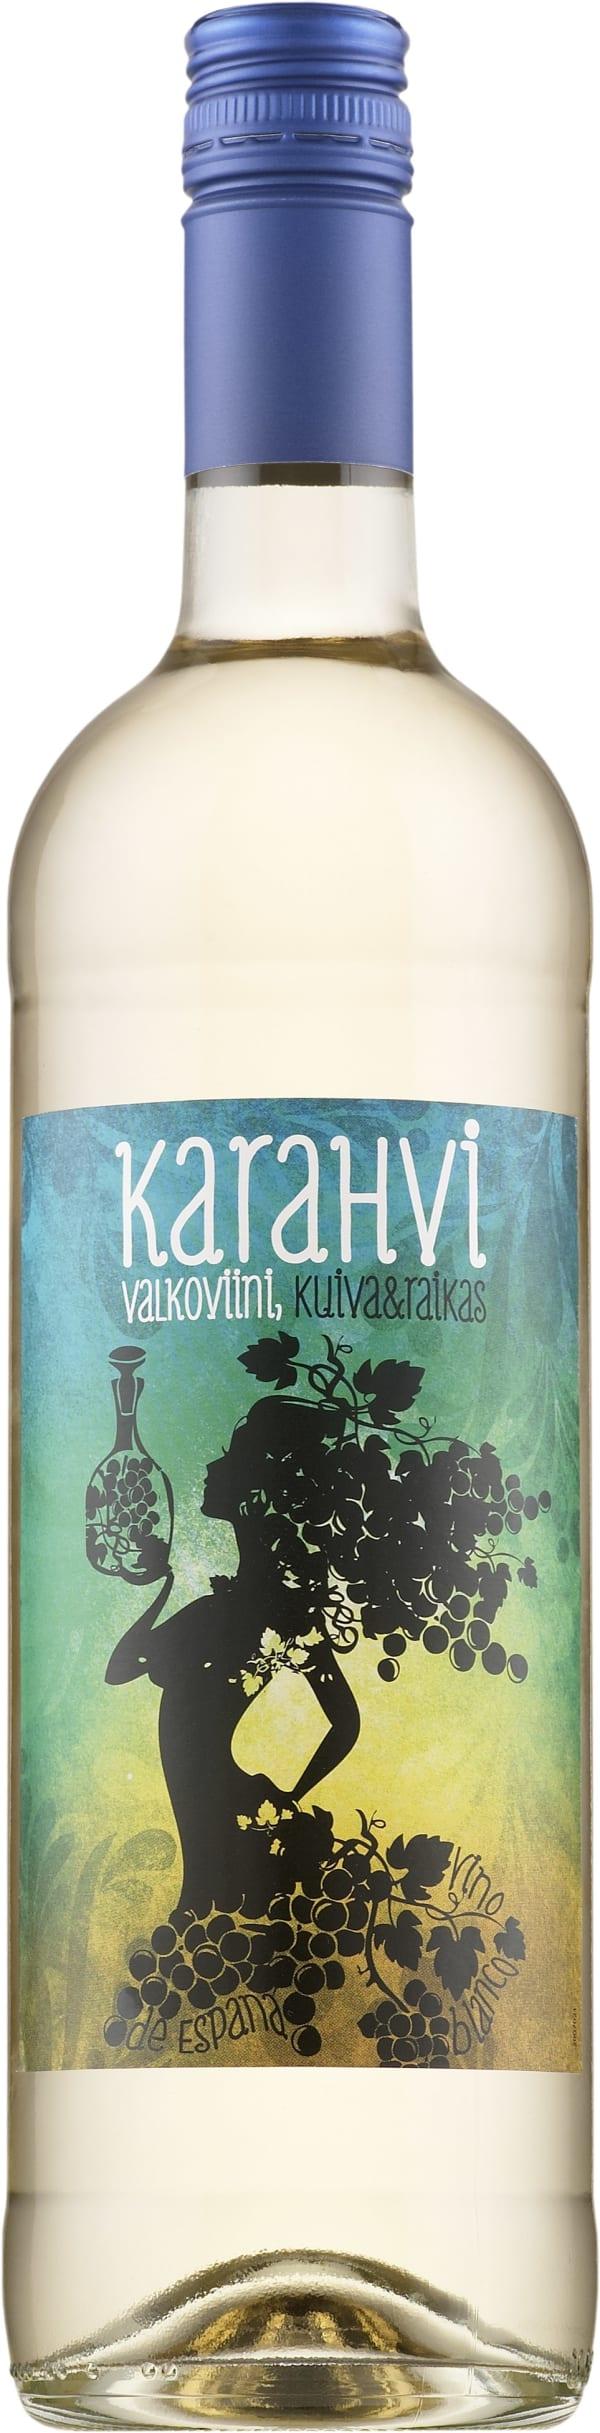 Karaffvitvin